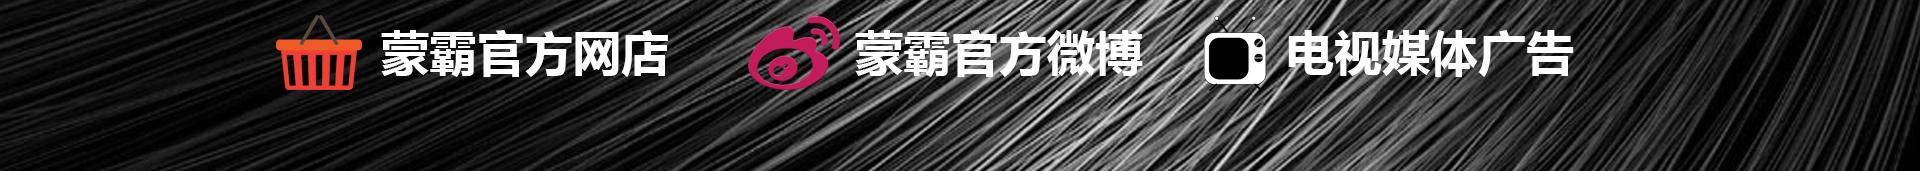 蒙霸养发堂mb_16